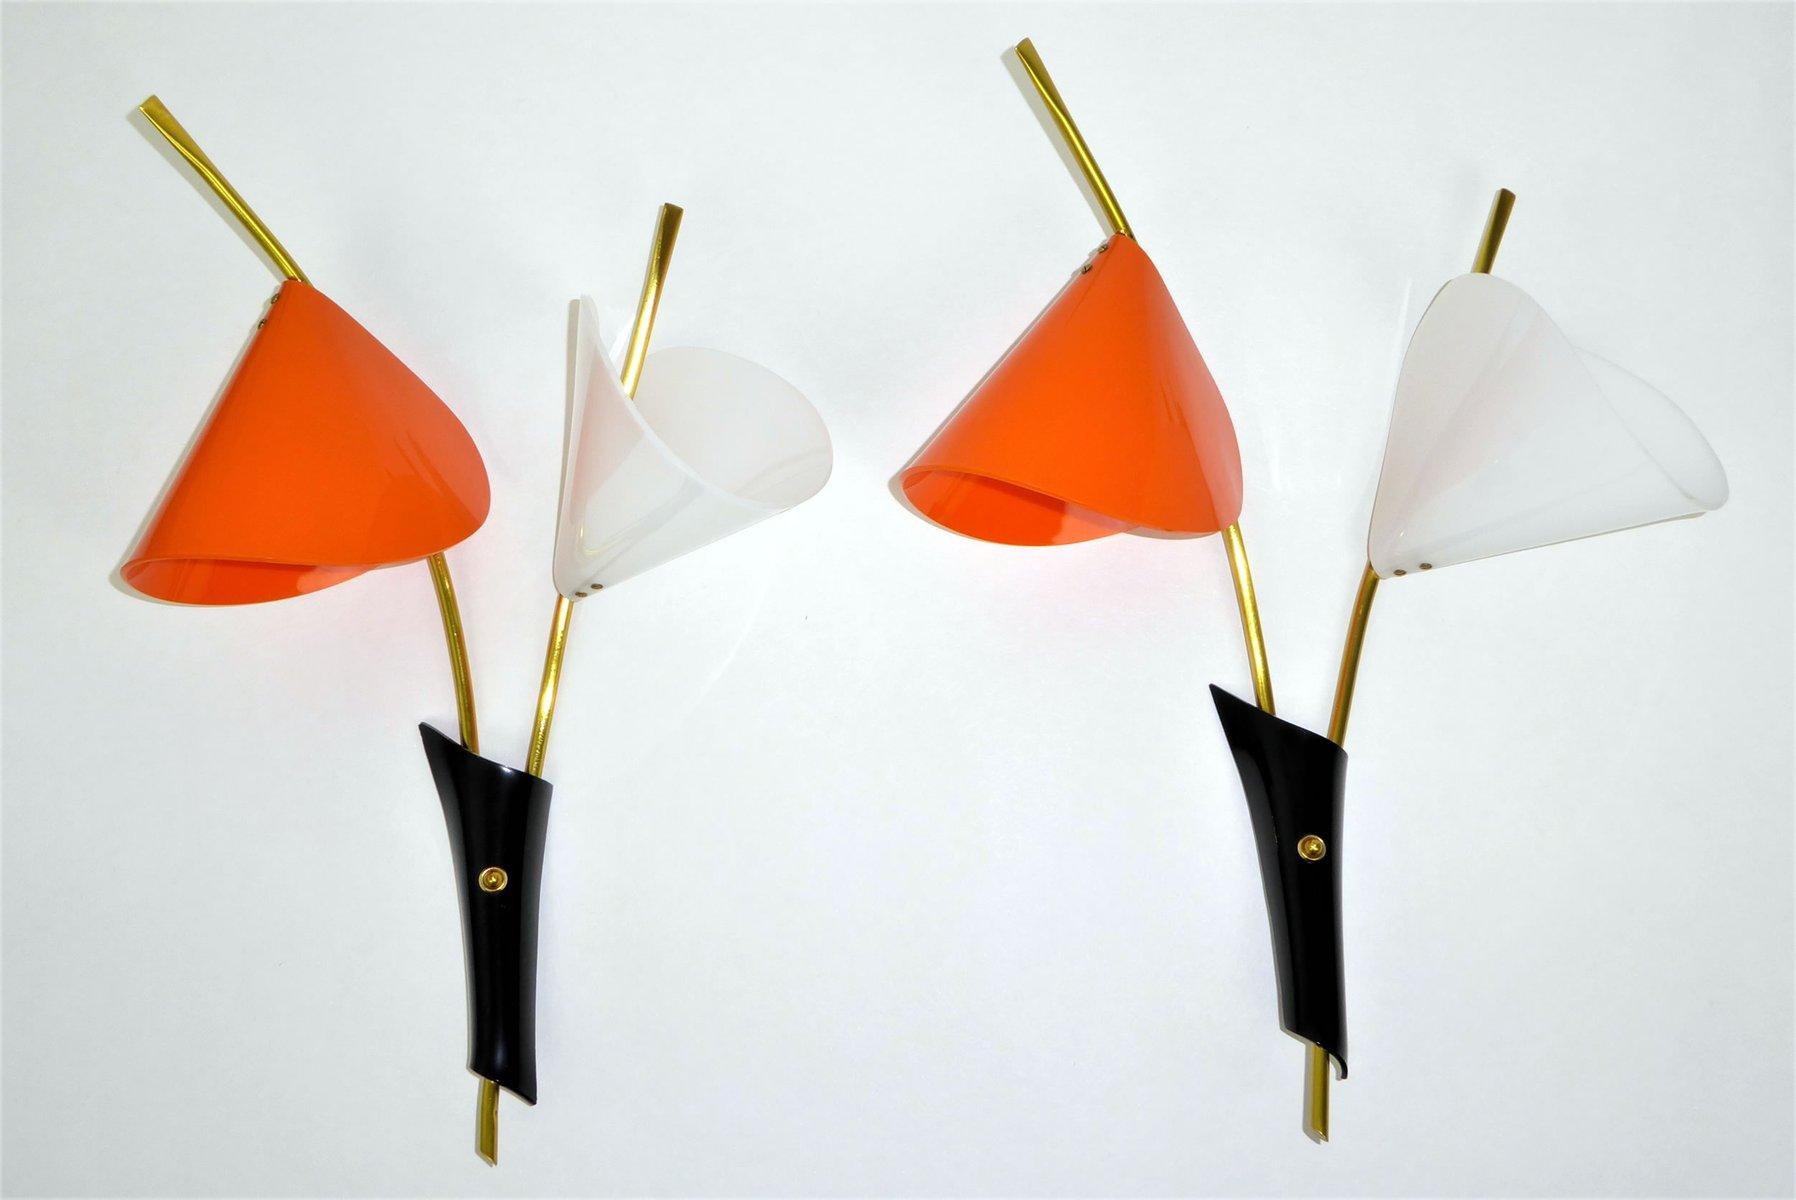 Vintage Arum Wandleuchten in Orange & Weiß, 1960er, 2er Set